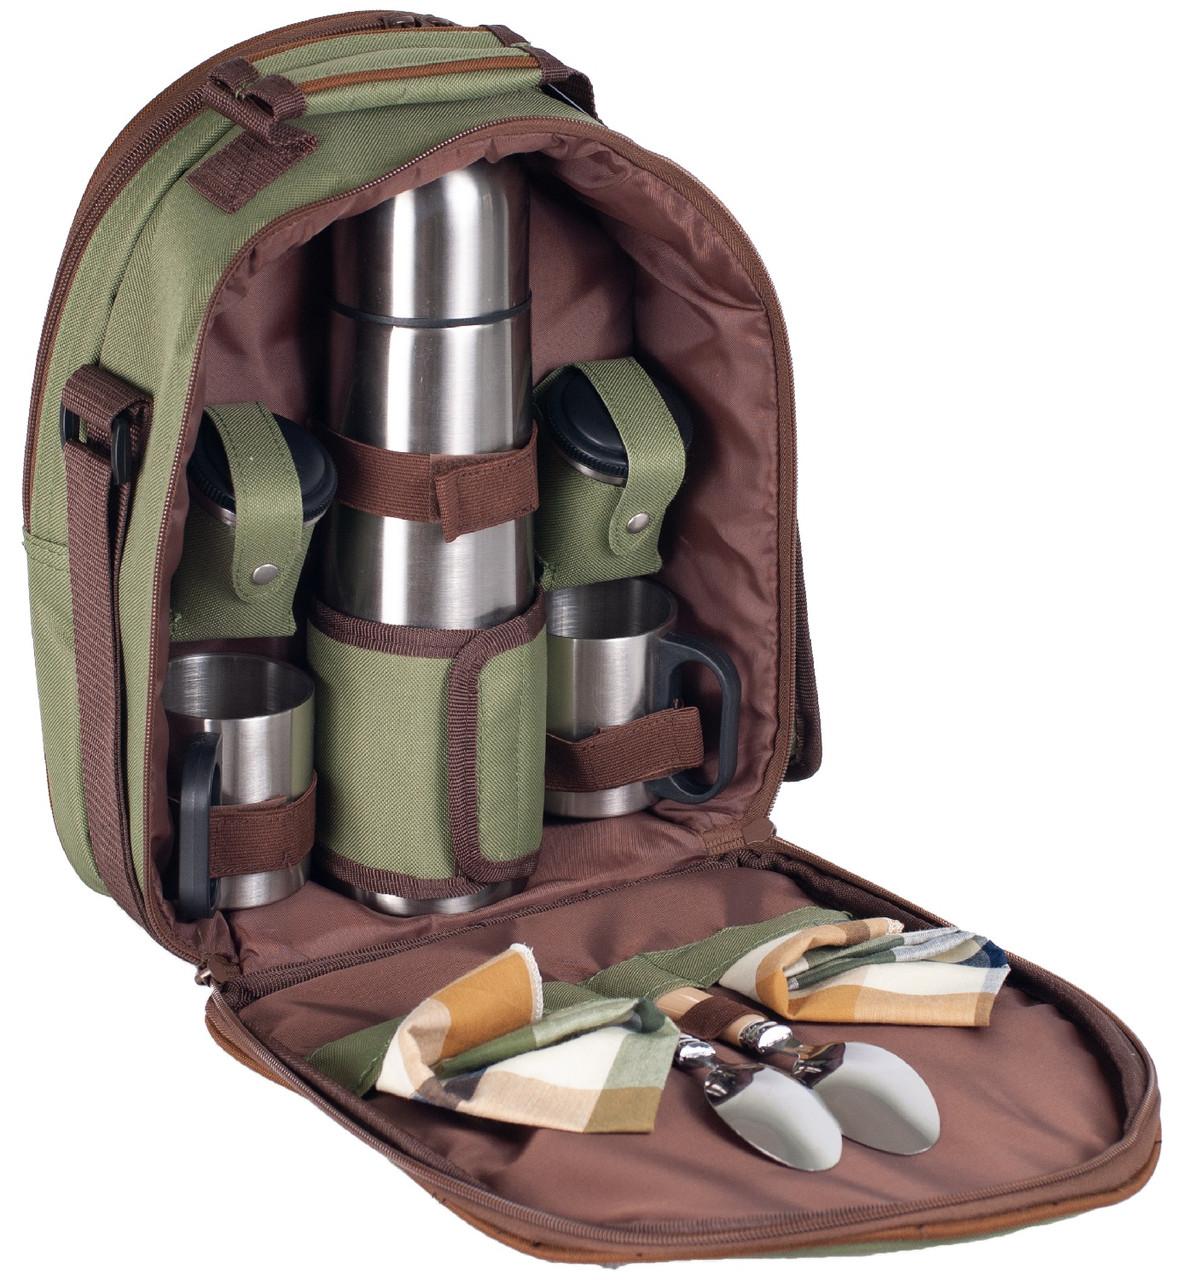 Набор для пикника Ranger Compact (RA 9908)